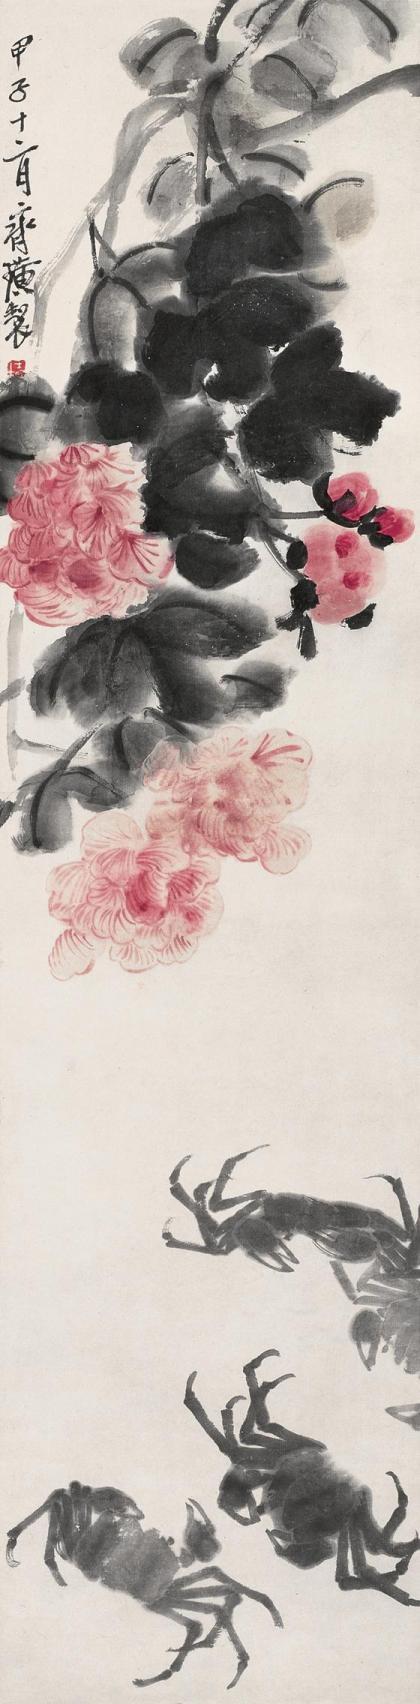 62岁那年,白石老人画了《芙蓉四蟹图》,这件作品画得规规矩矩,芙蓉花